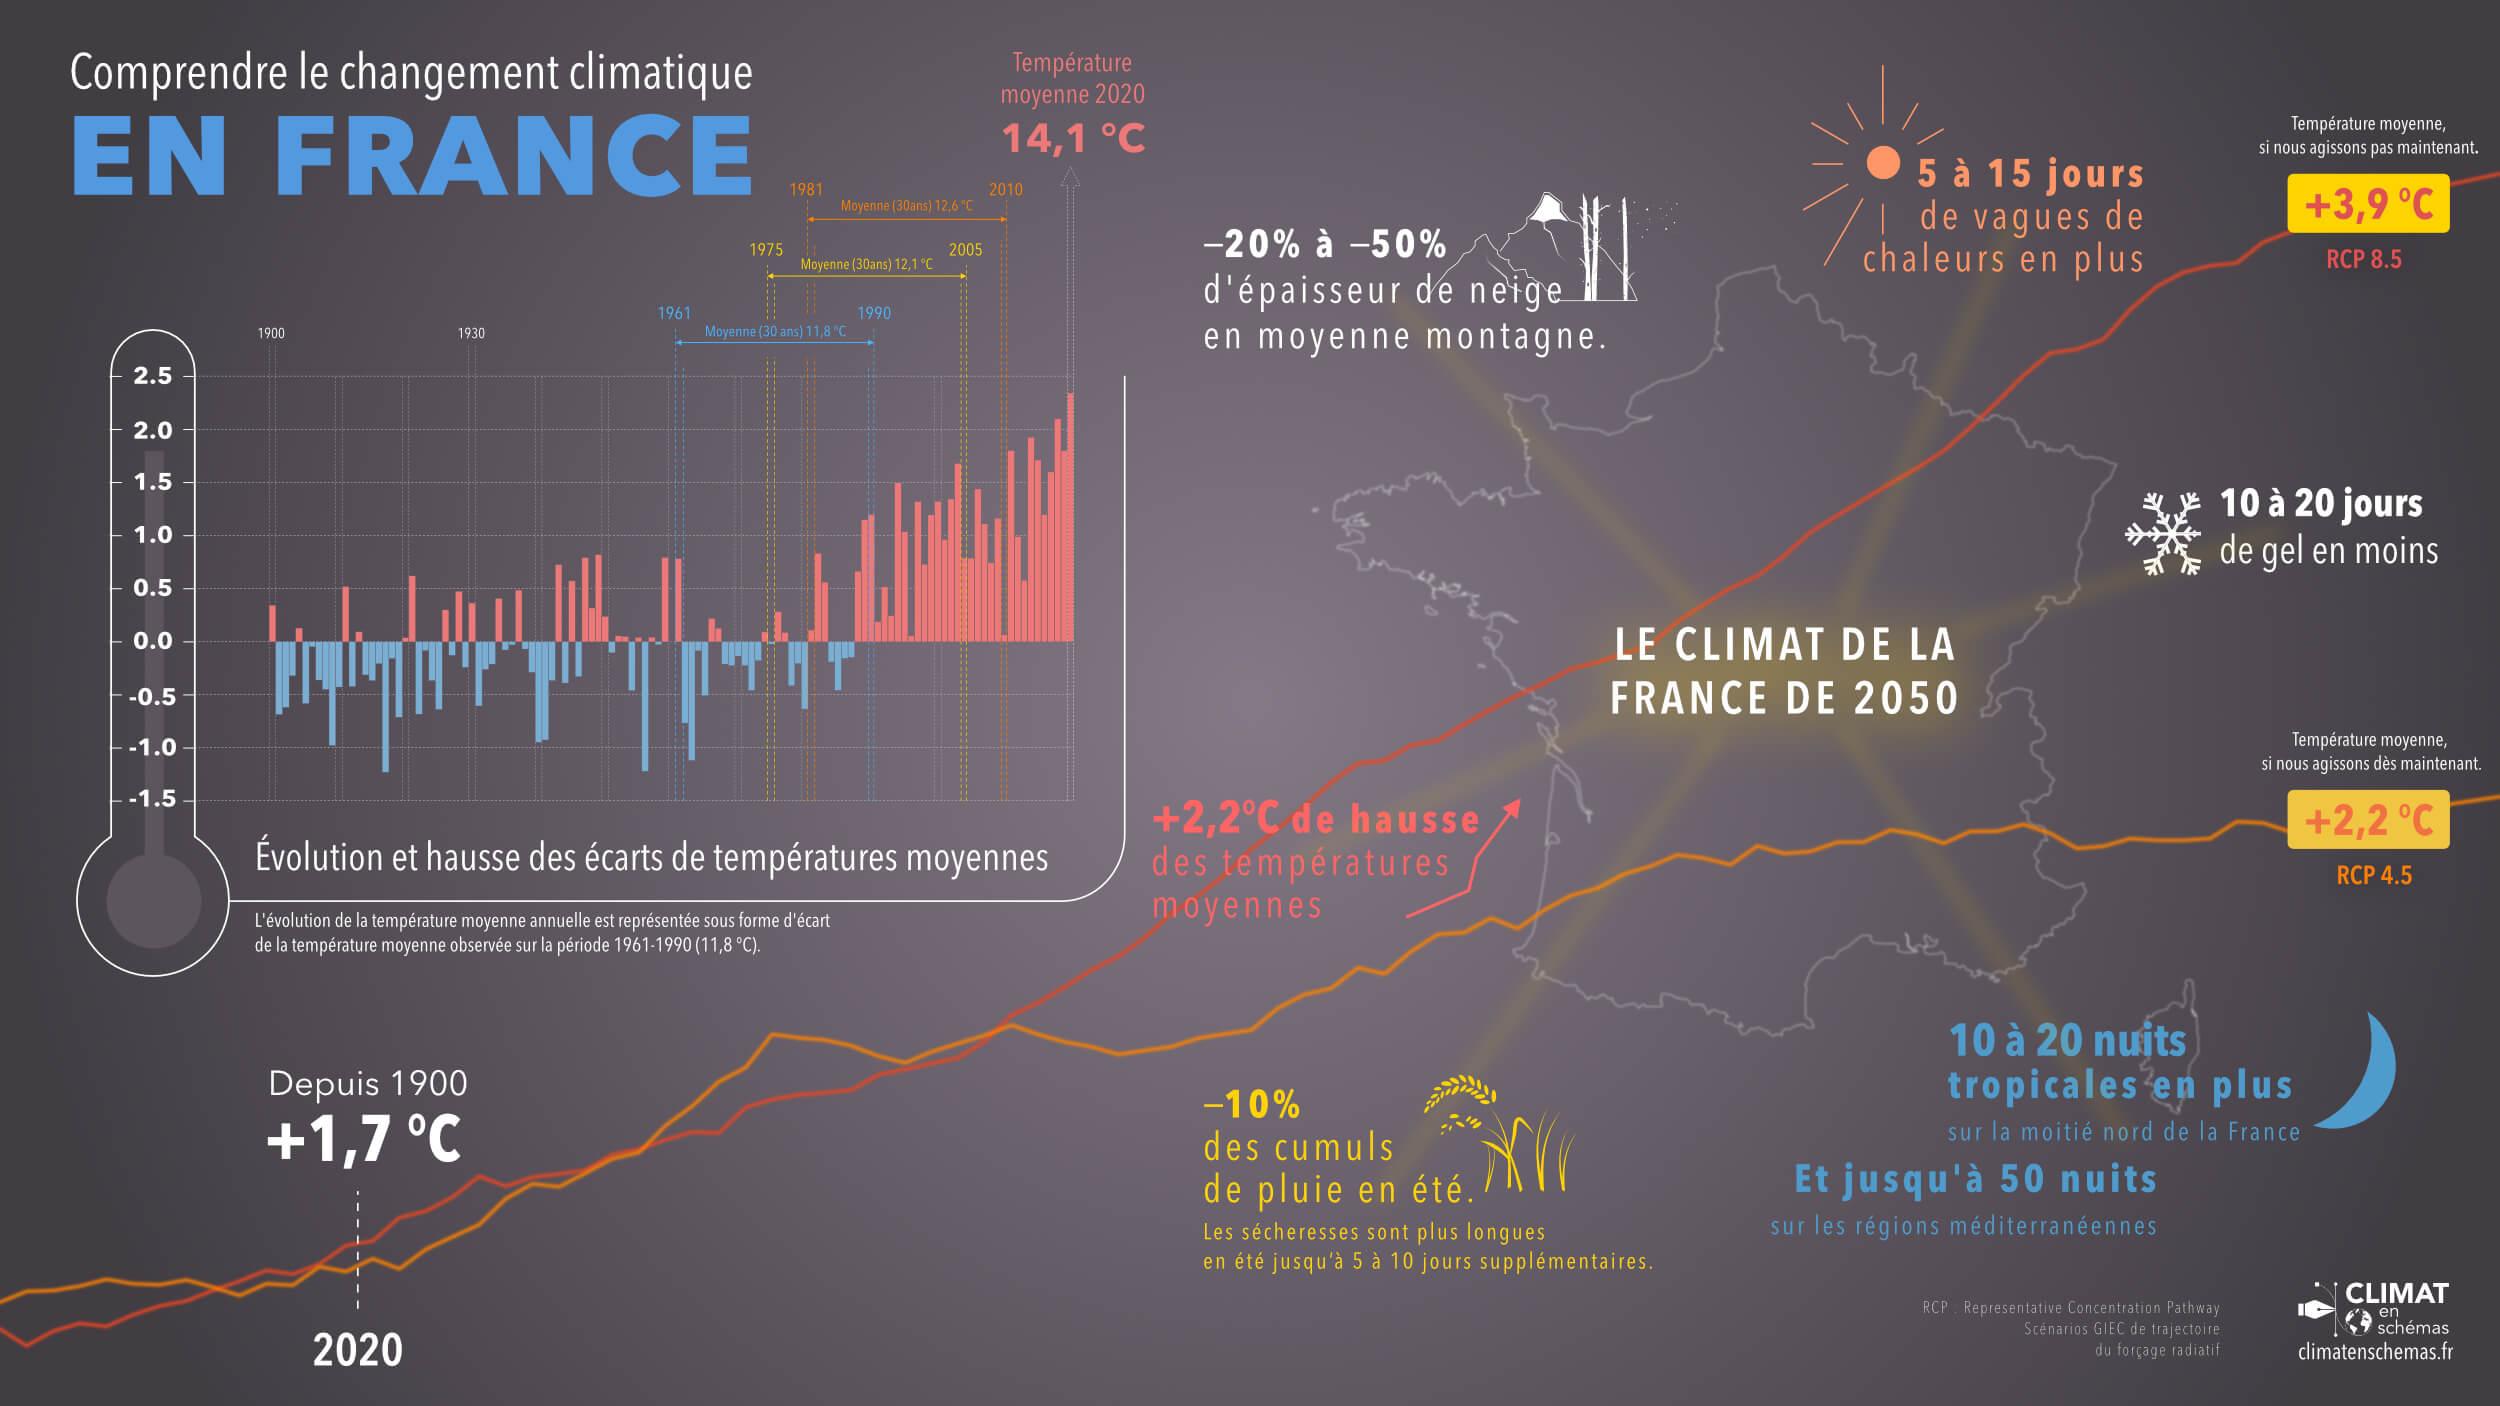 Le changement climatique en France